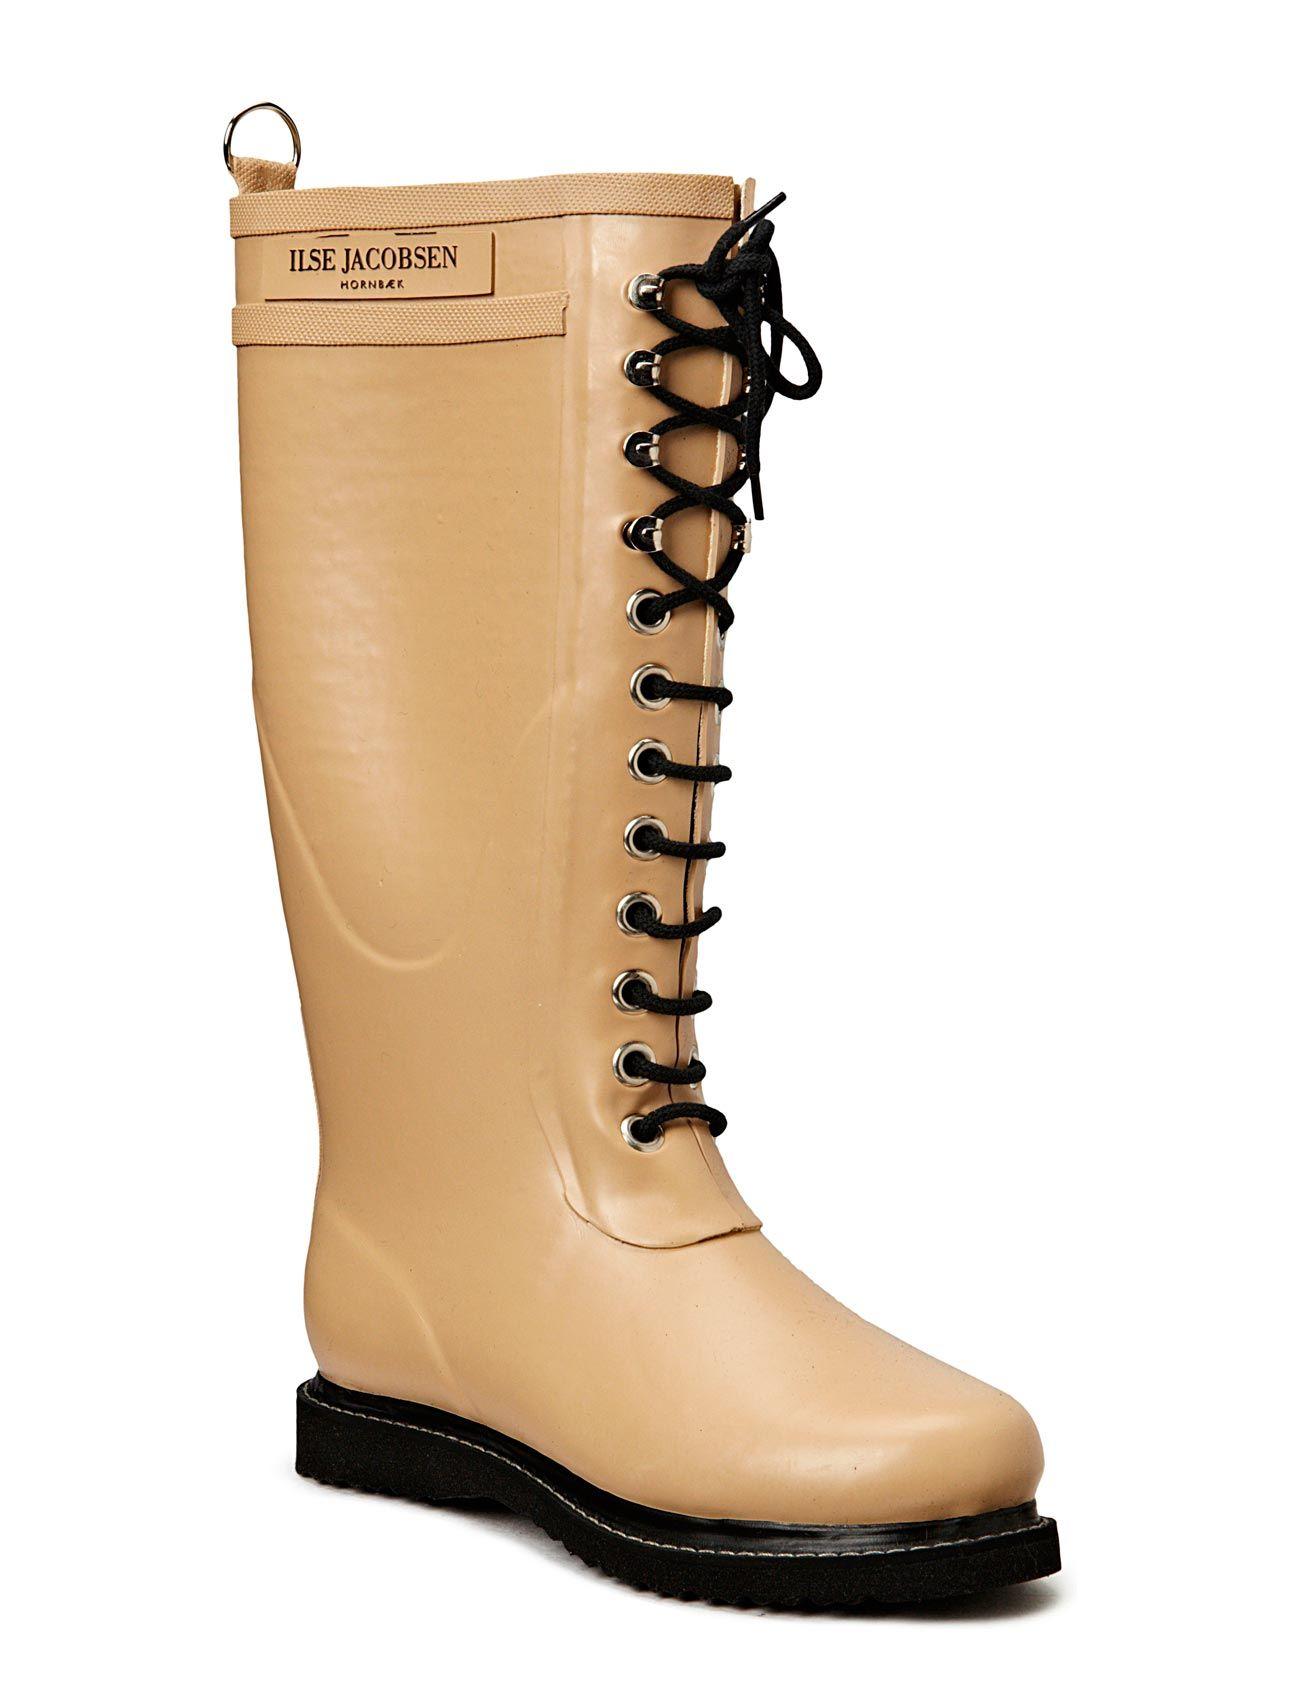 Rain Boot - Long, Classic With Laces Ilse Jacobsen Støvler til Damer i Kamel